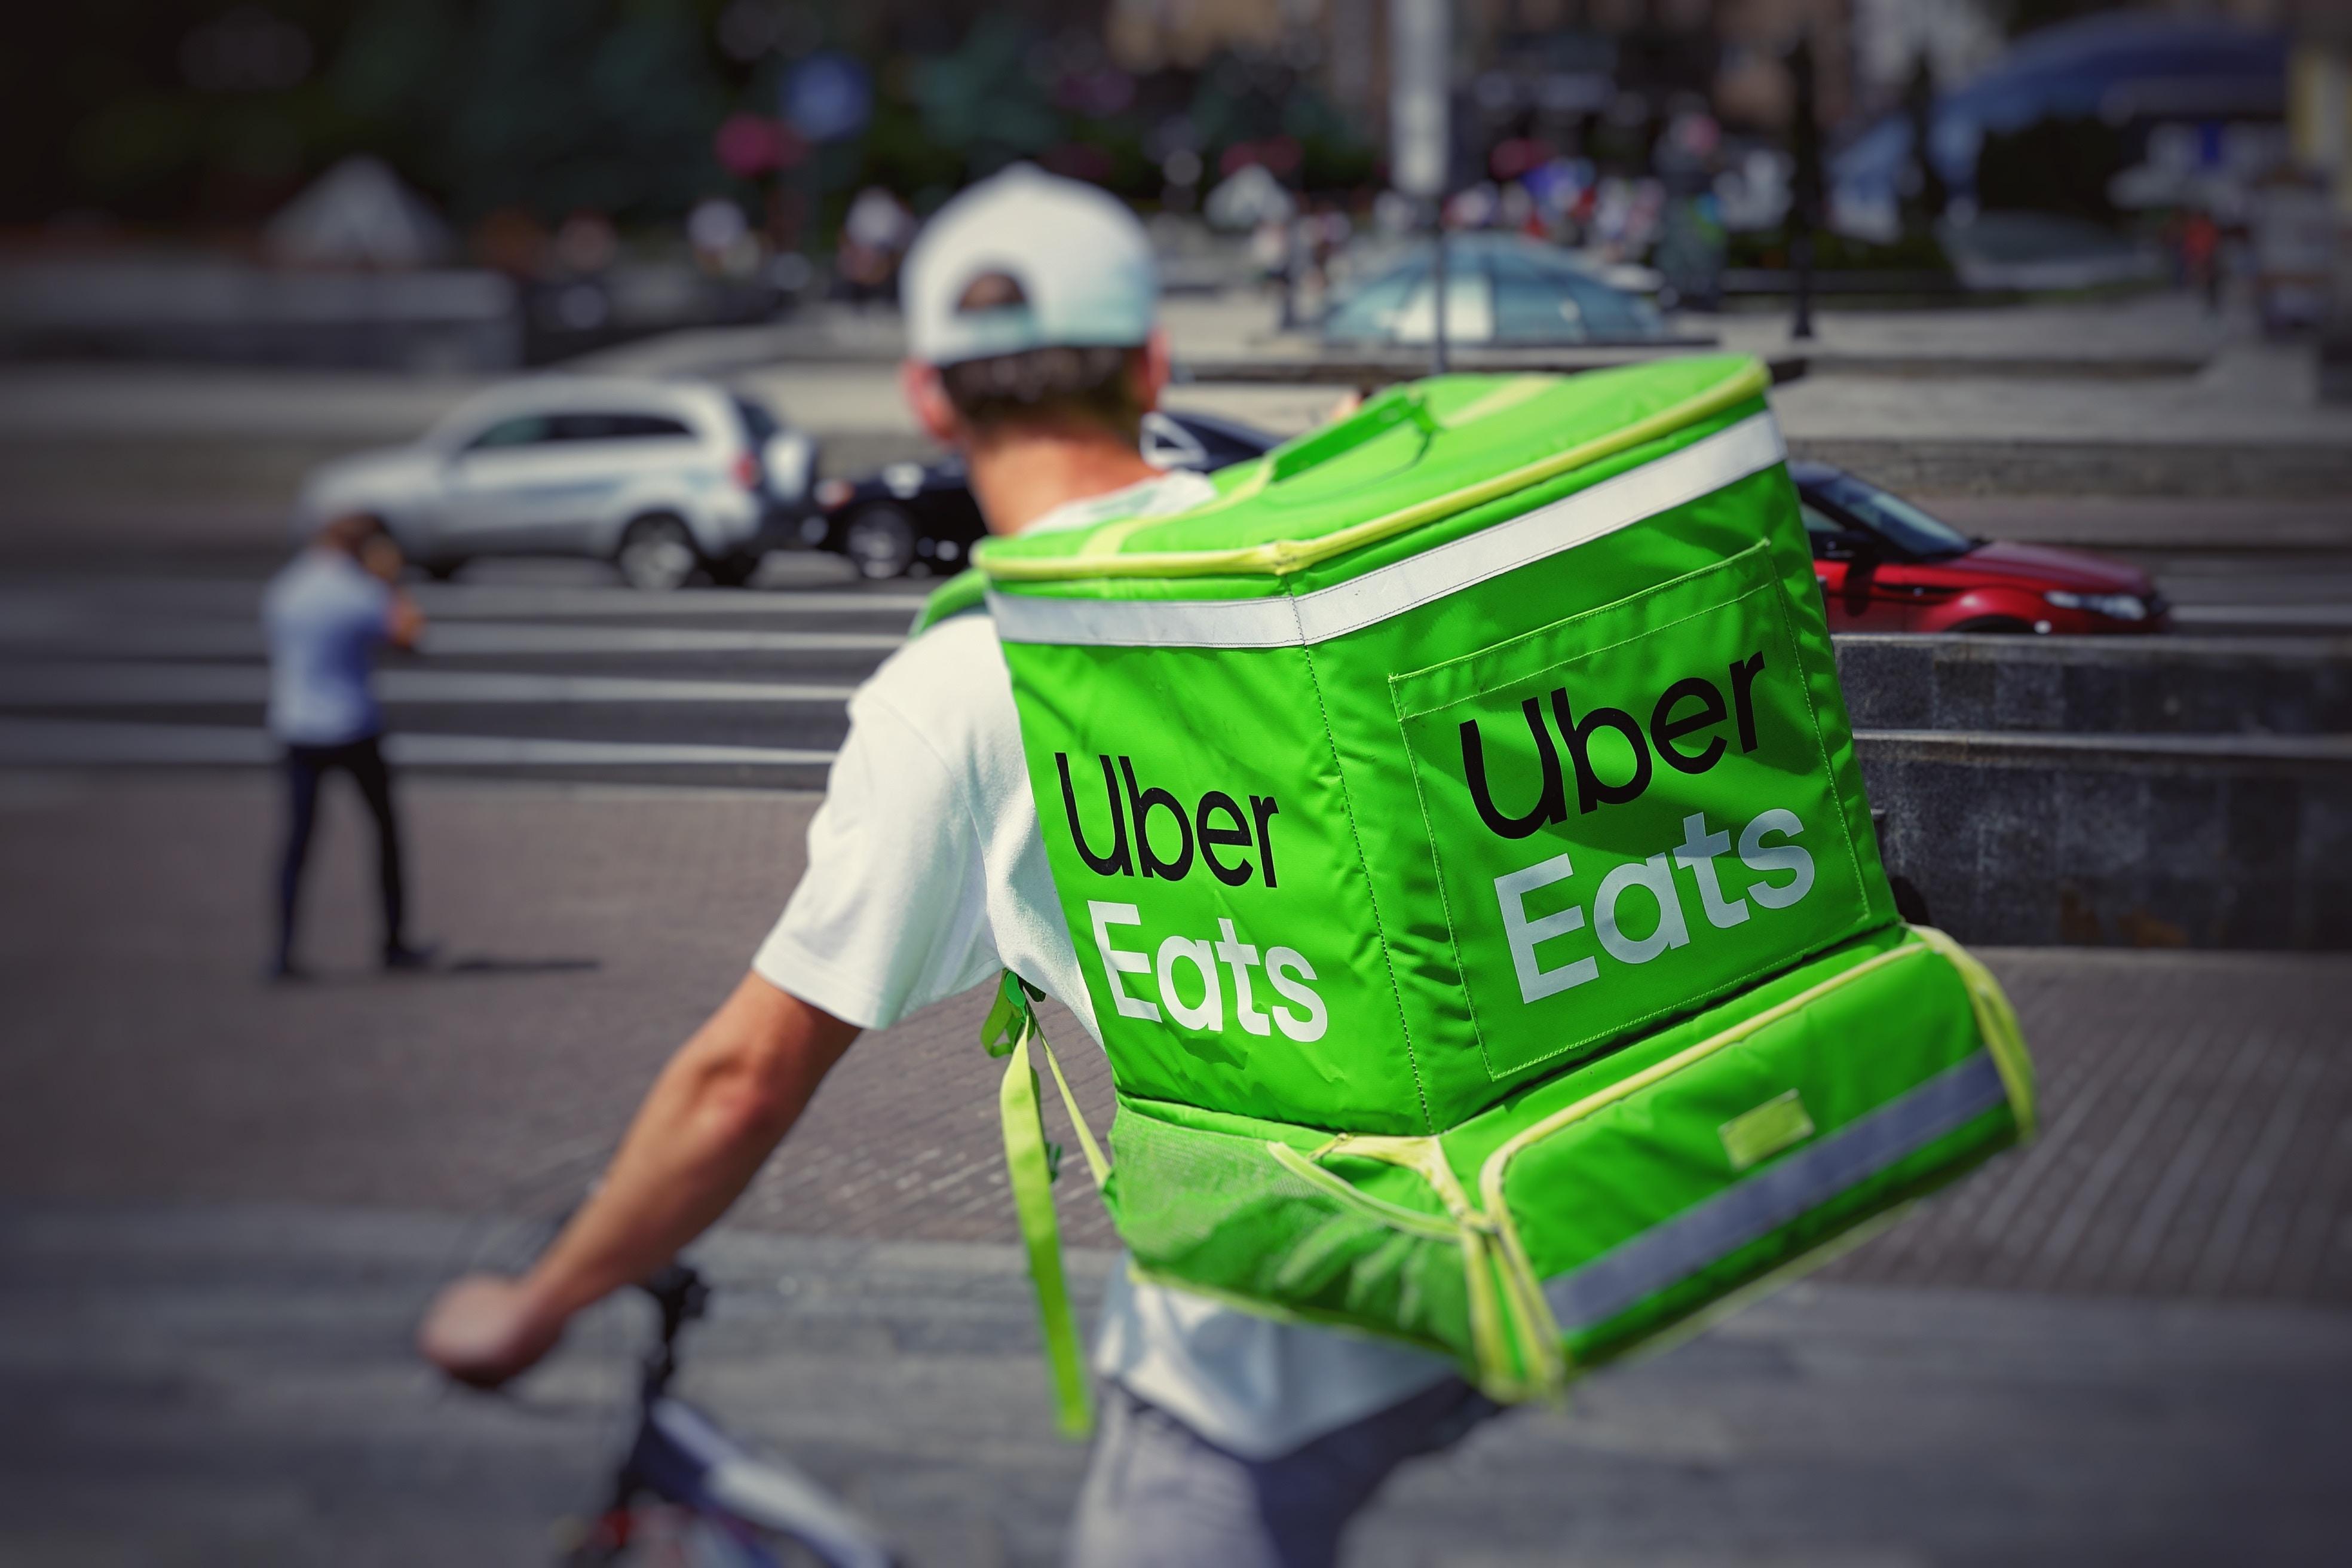 副業 Uber Eats(ウーバー・イーツ)